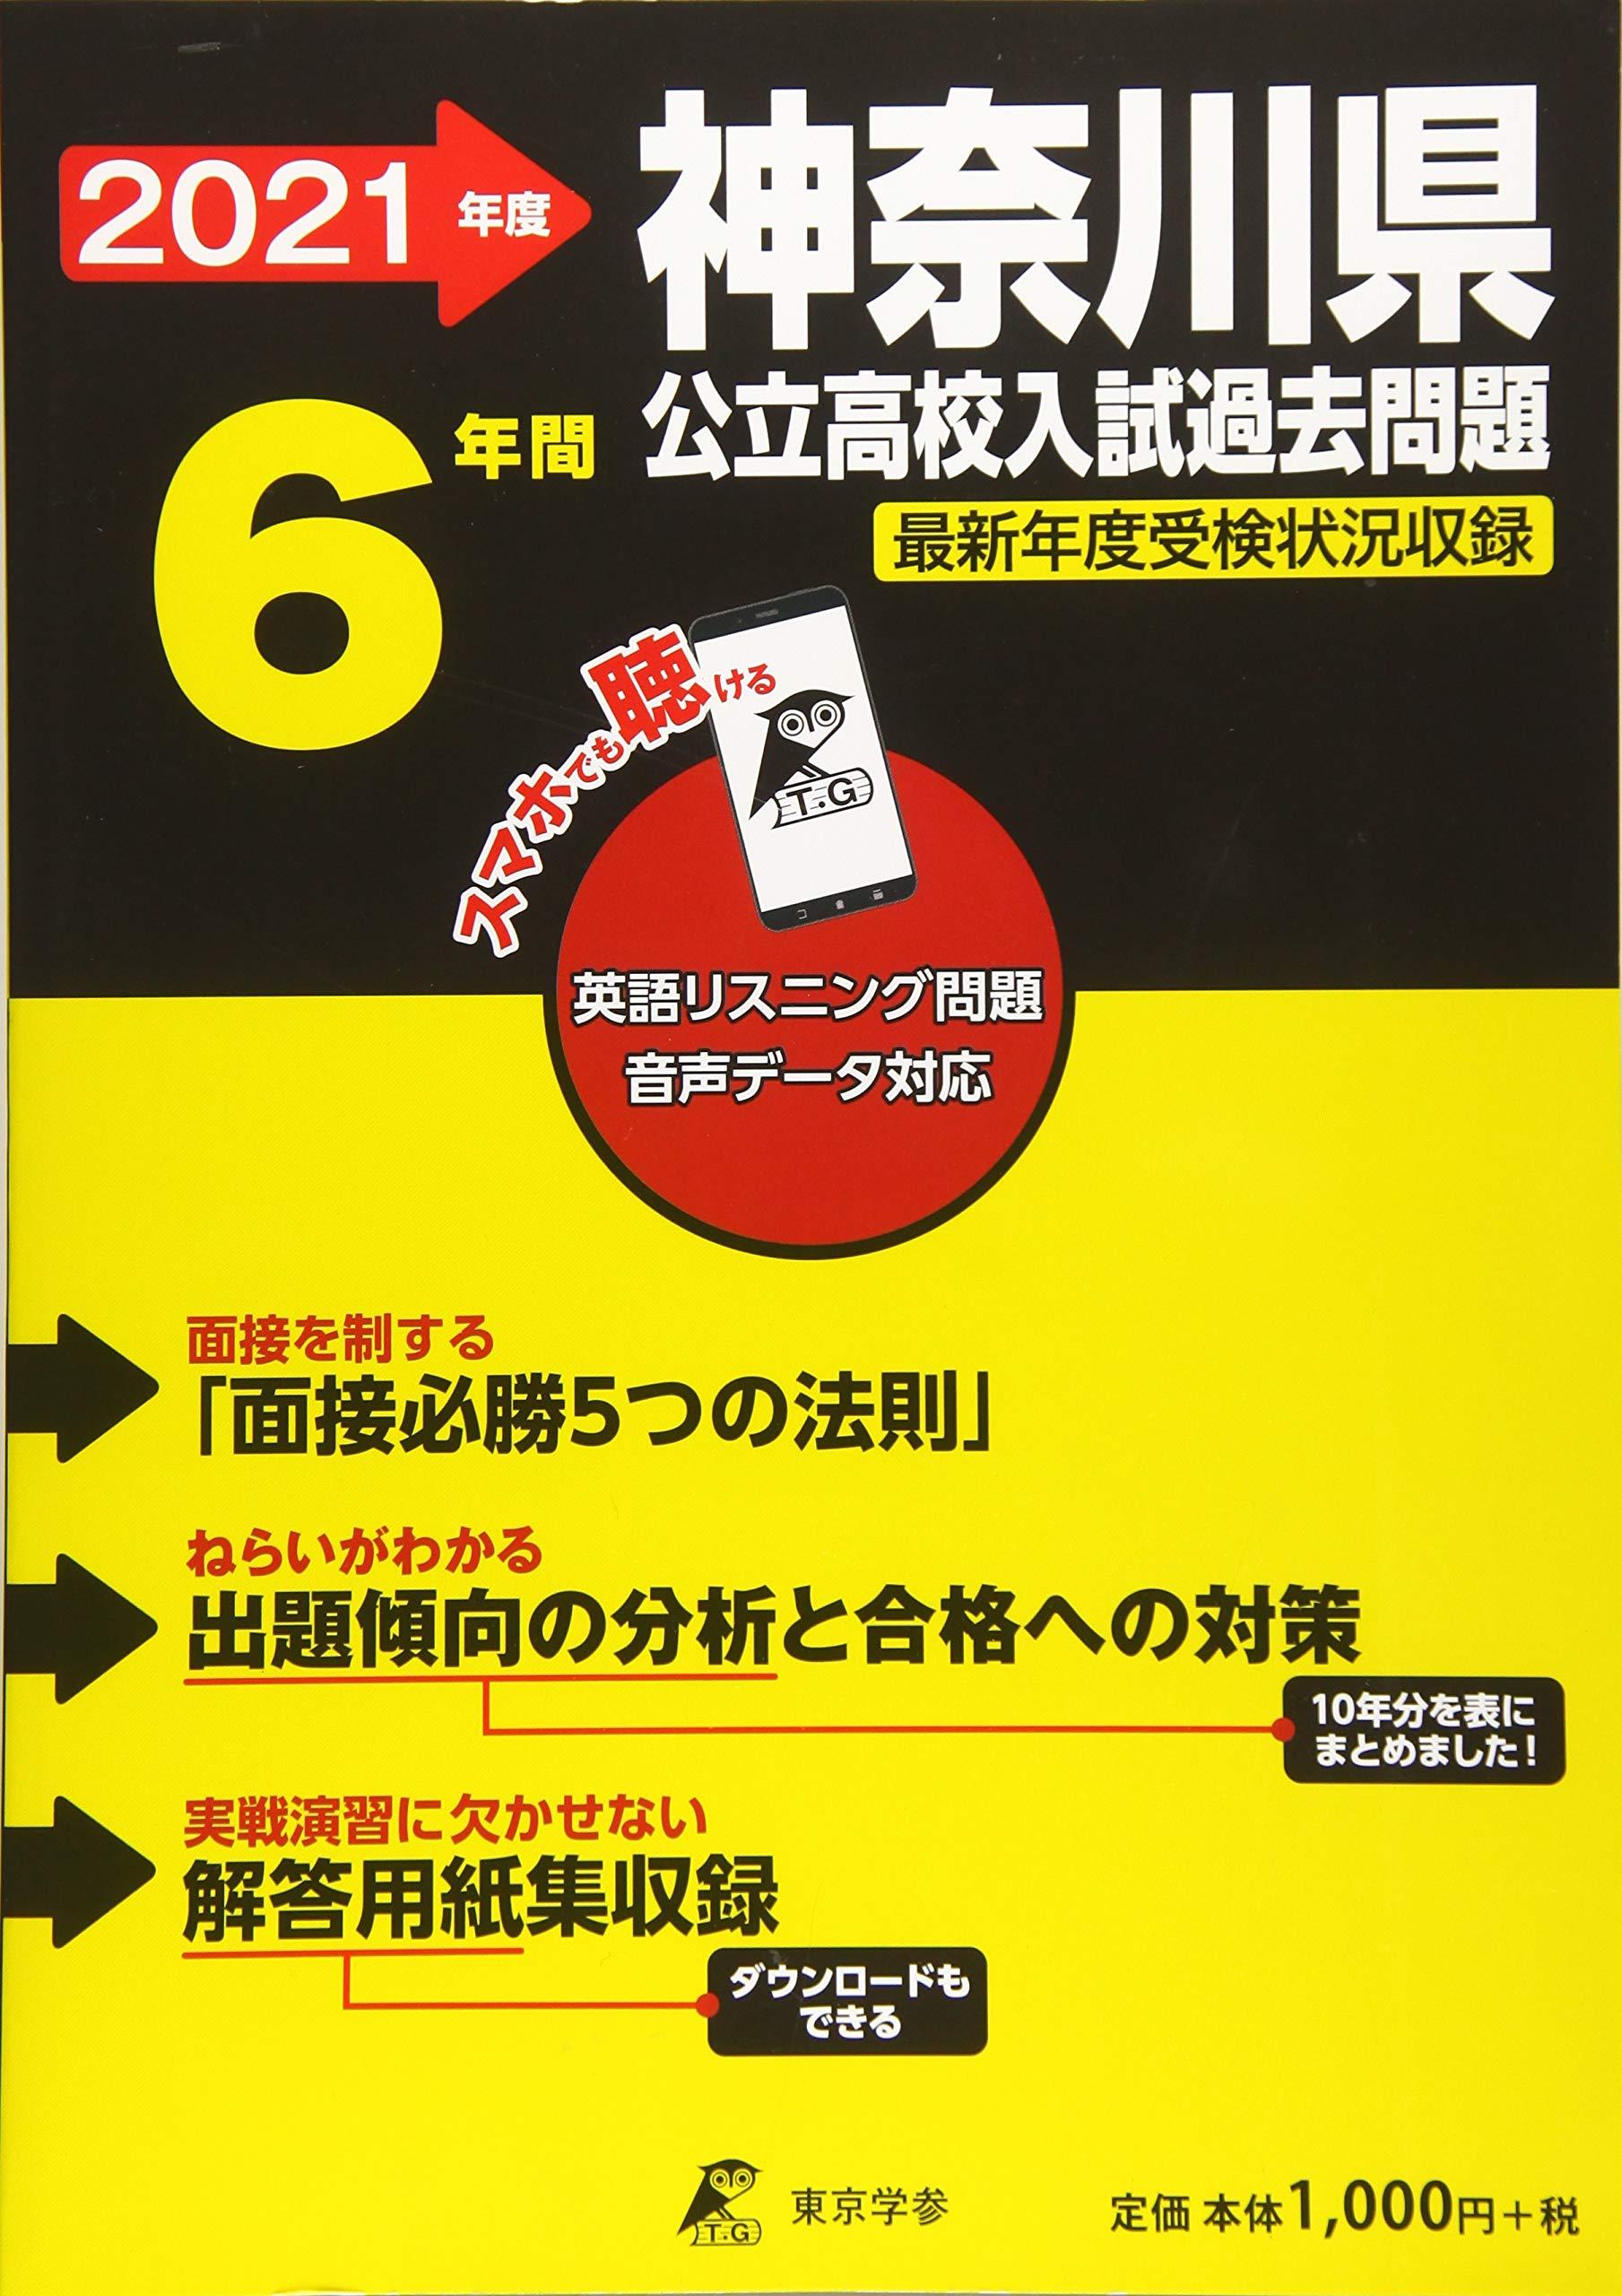 高校 入試 2021 問題 神奈川 公立 県